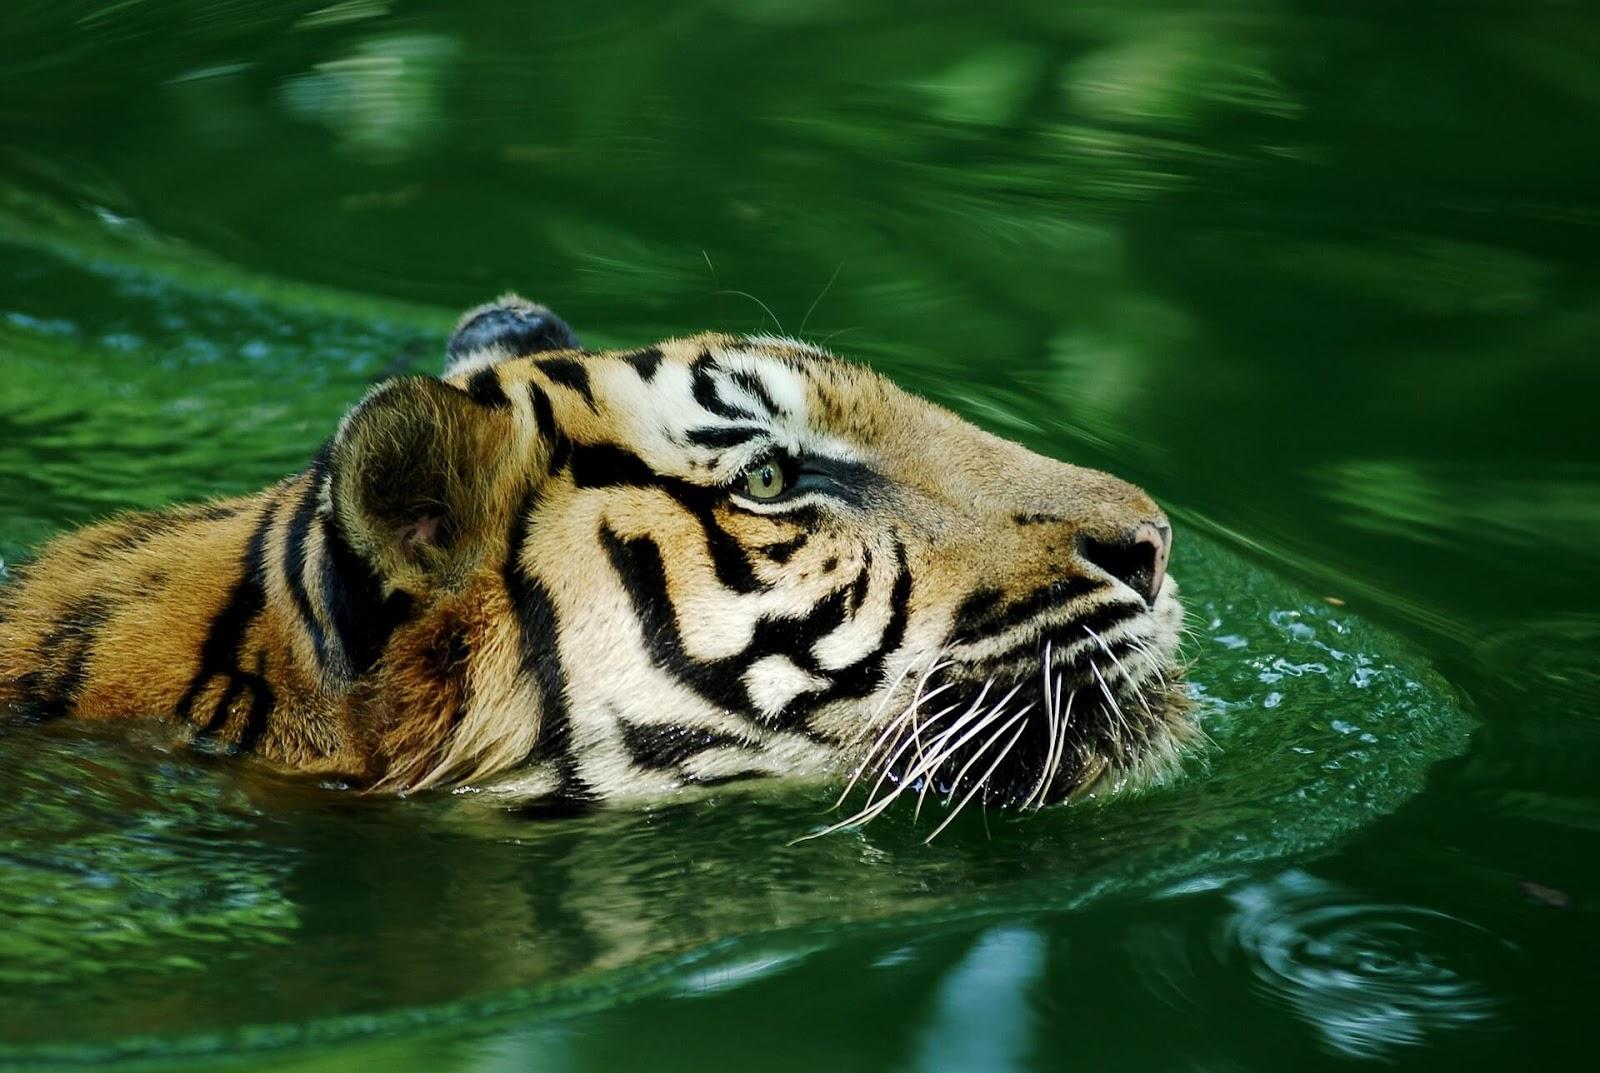 tiger wallpaper 3d